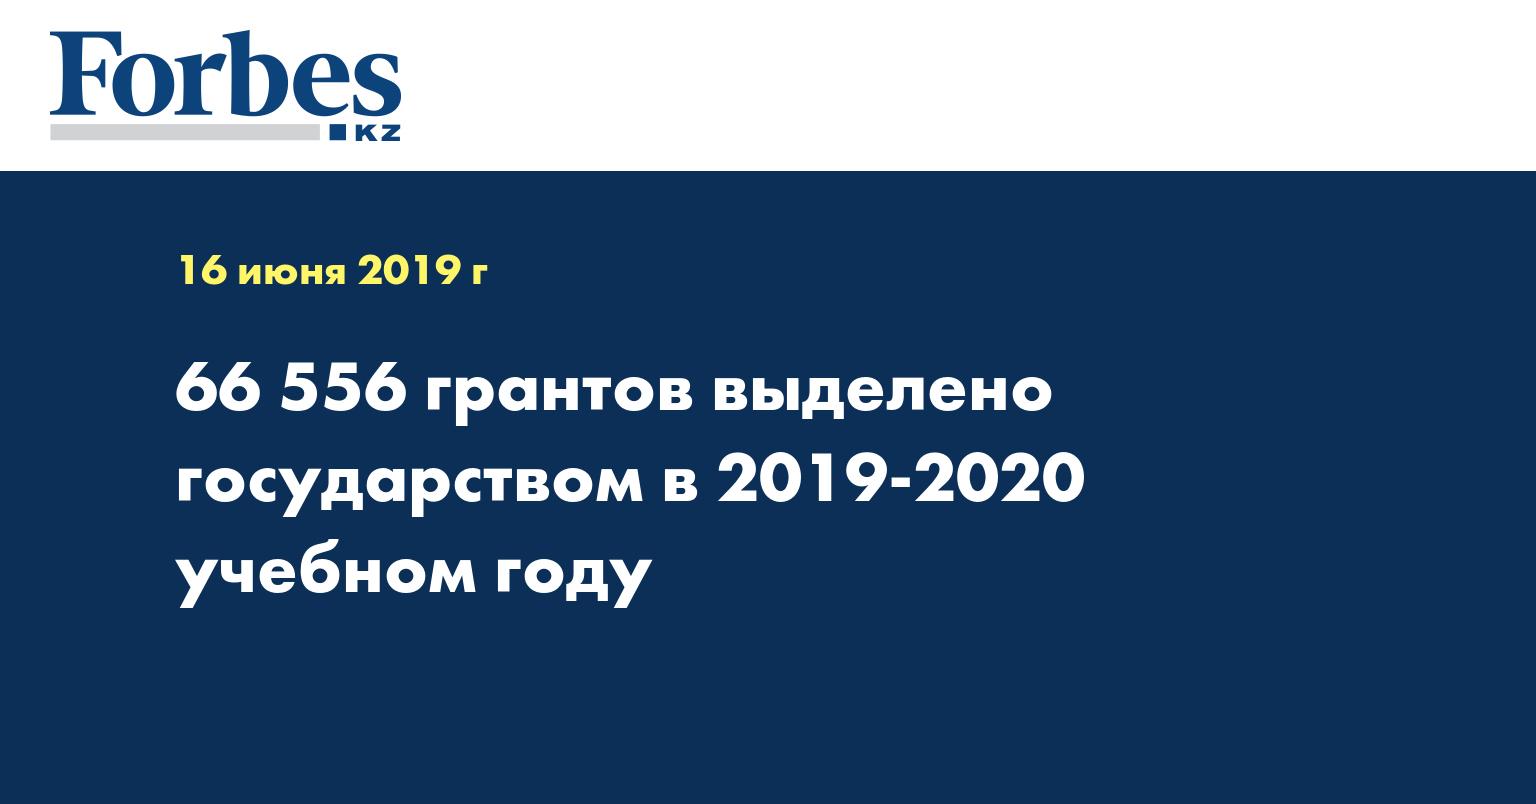 66 556 грантов выделено государством в 2019-2020 учебном году